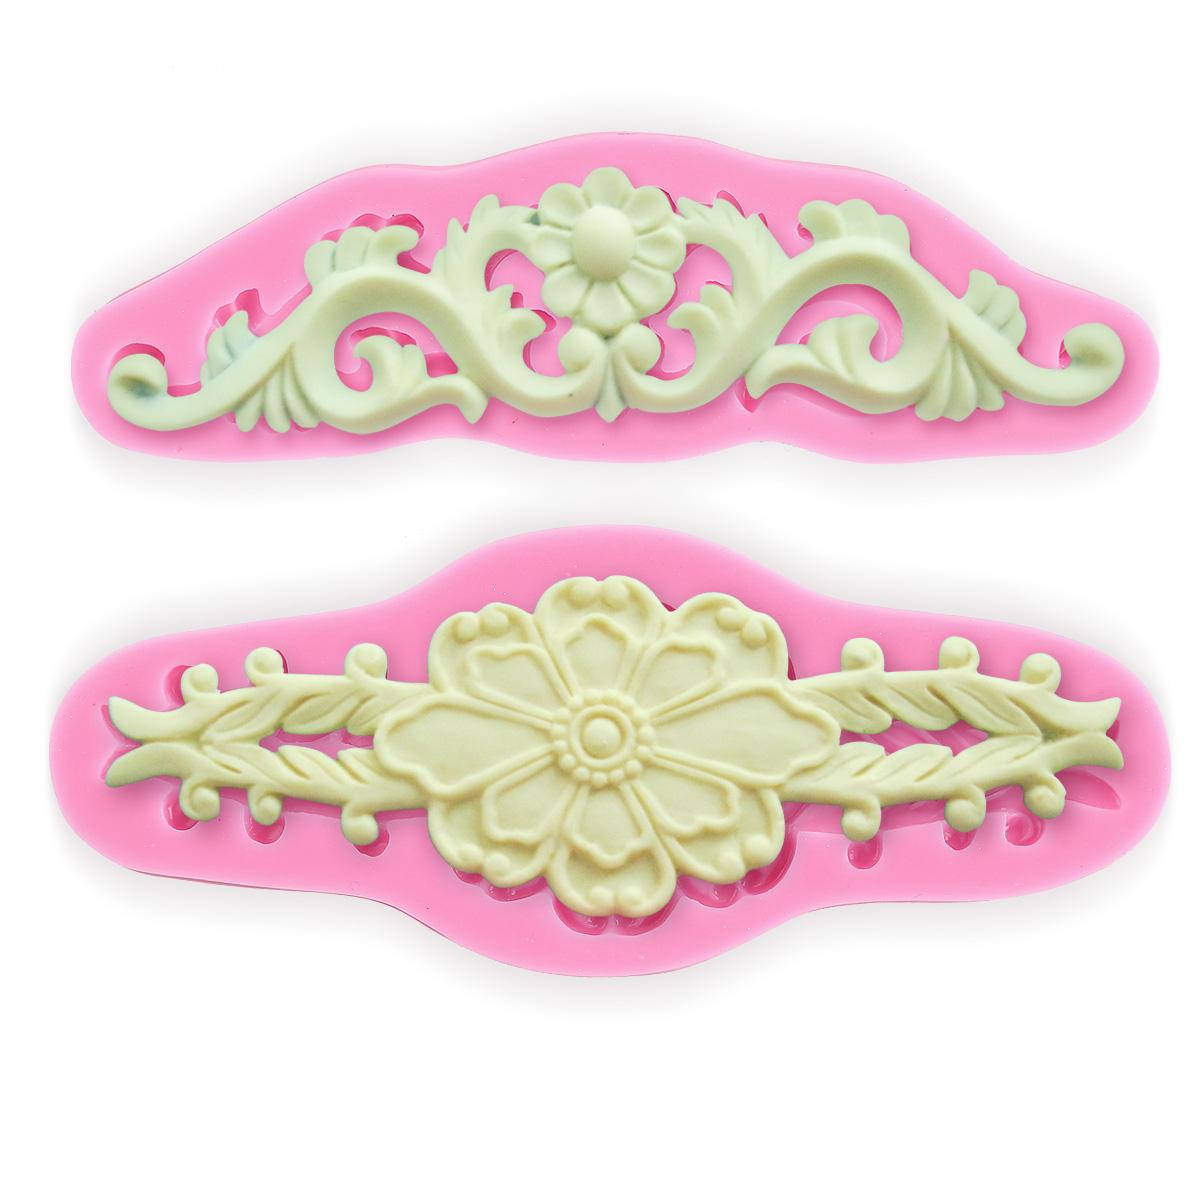 Cake Decorating Lace Molds Uk : Sugarcraft Moulds,Lace Silicone Mold,Cake Decorating Tool ...